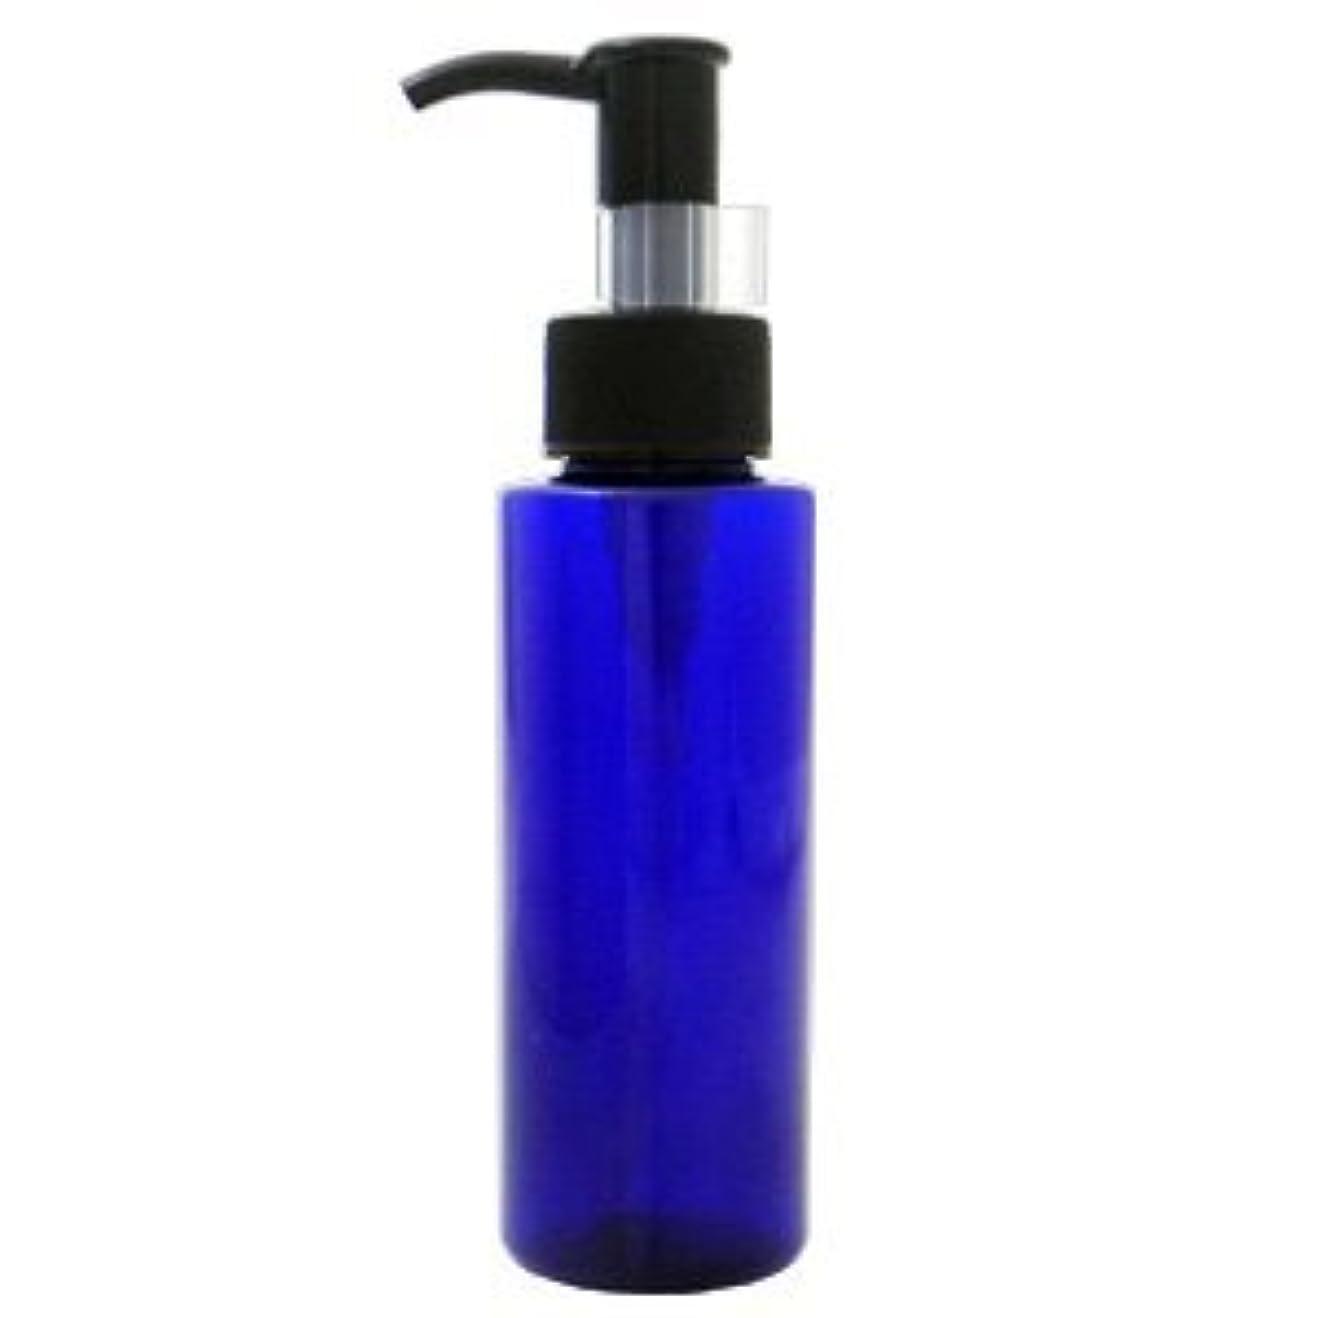 印象派たまに混乱PETボトル ポンプ コバルトブルー (青) 100ml